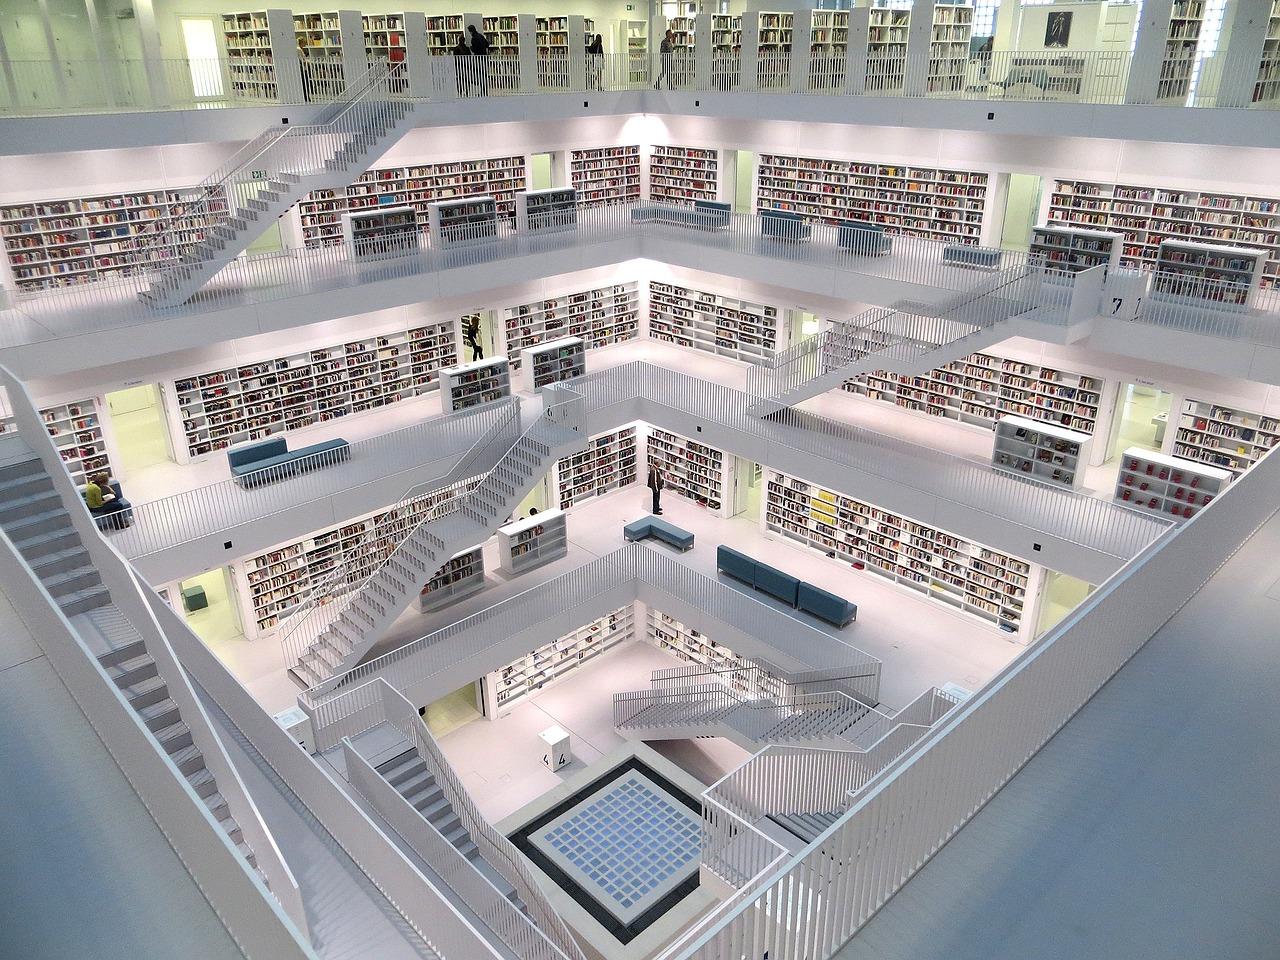 Библиотека, Штутгарт, книги